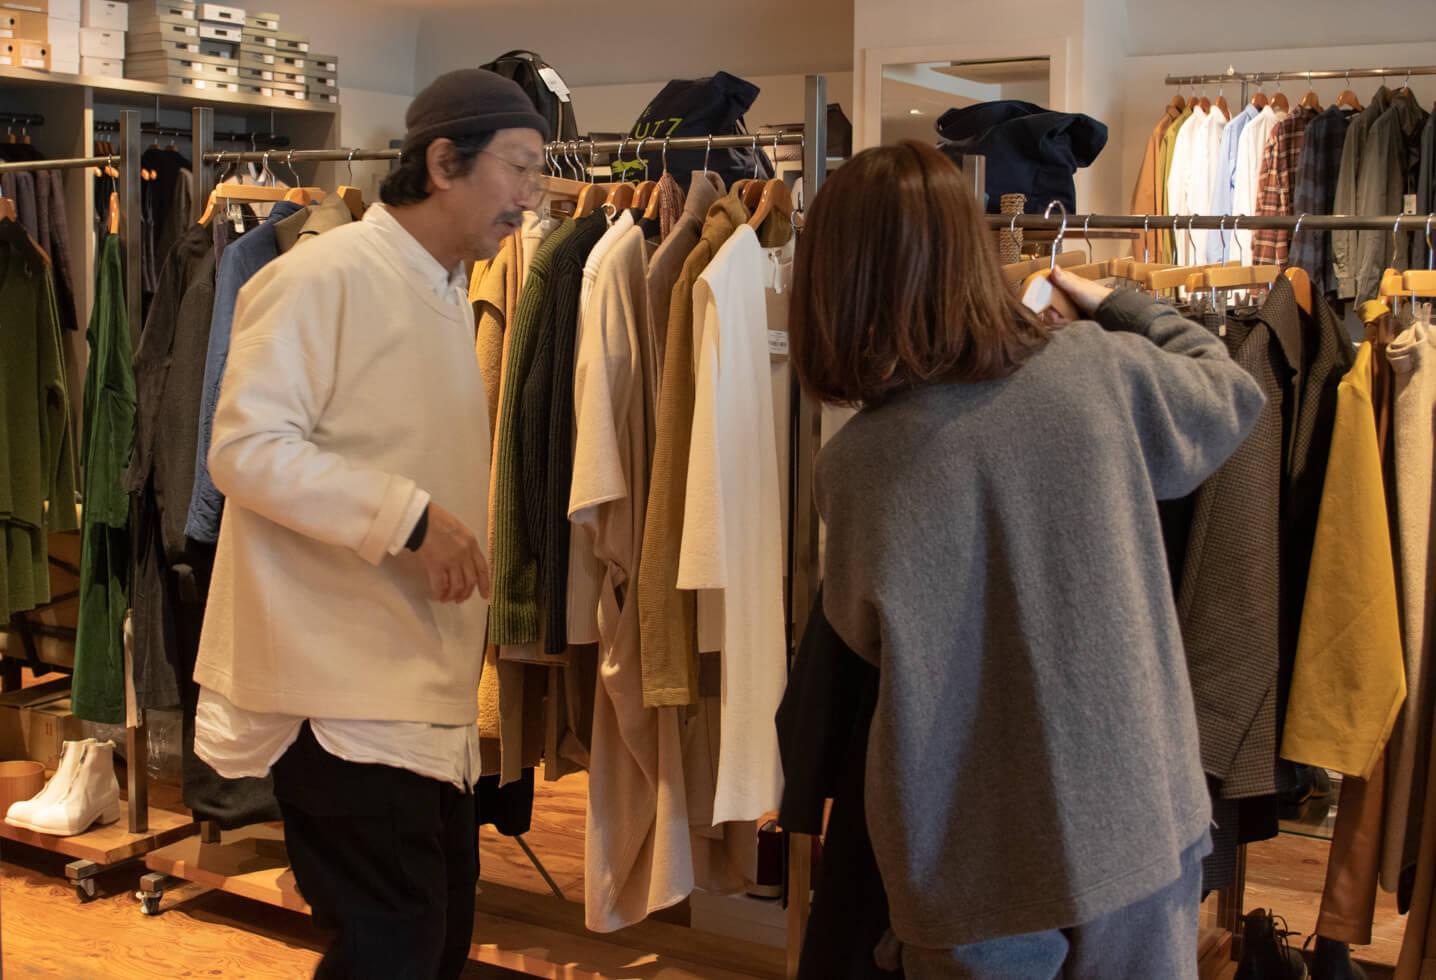 浅田さんと典子さんが二人で洋服を選んでいる写真